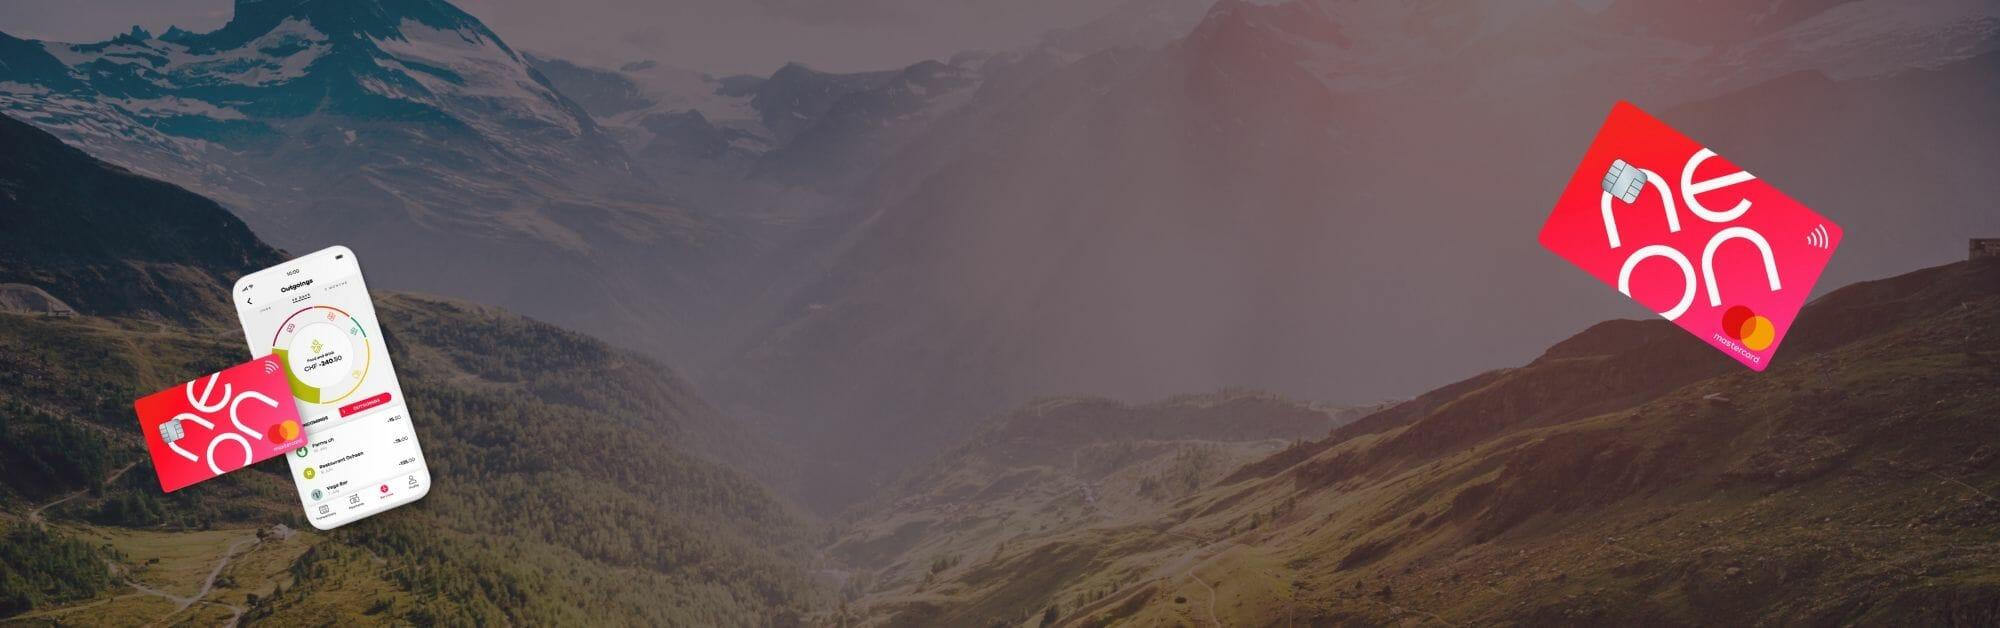 neon-suisse